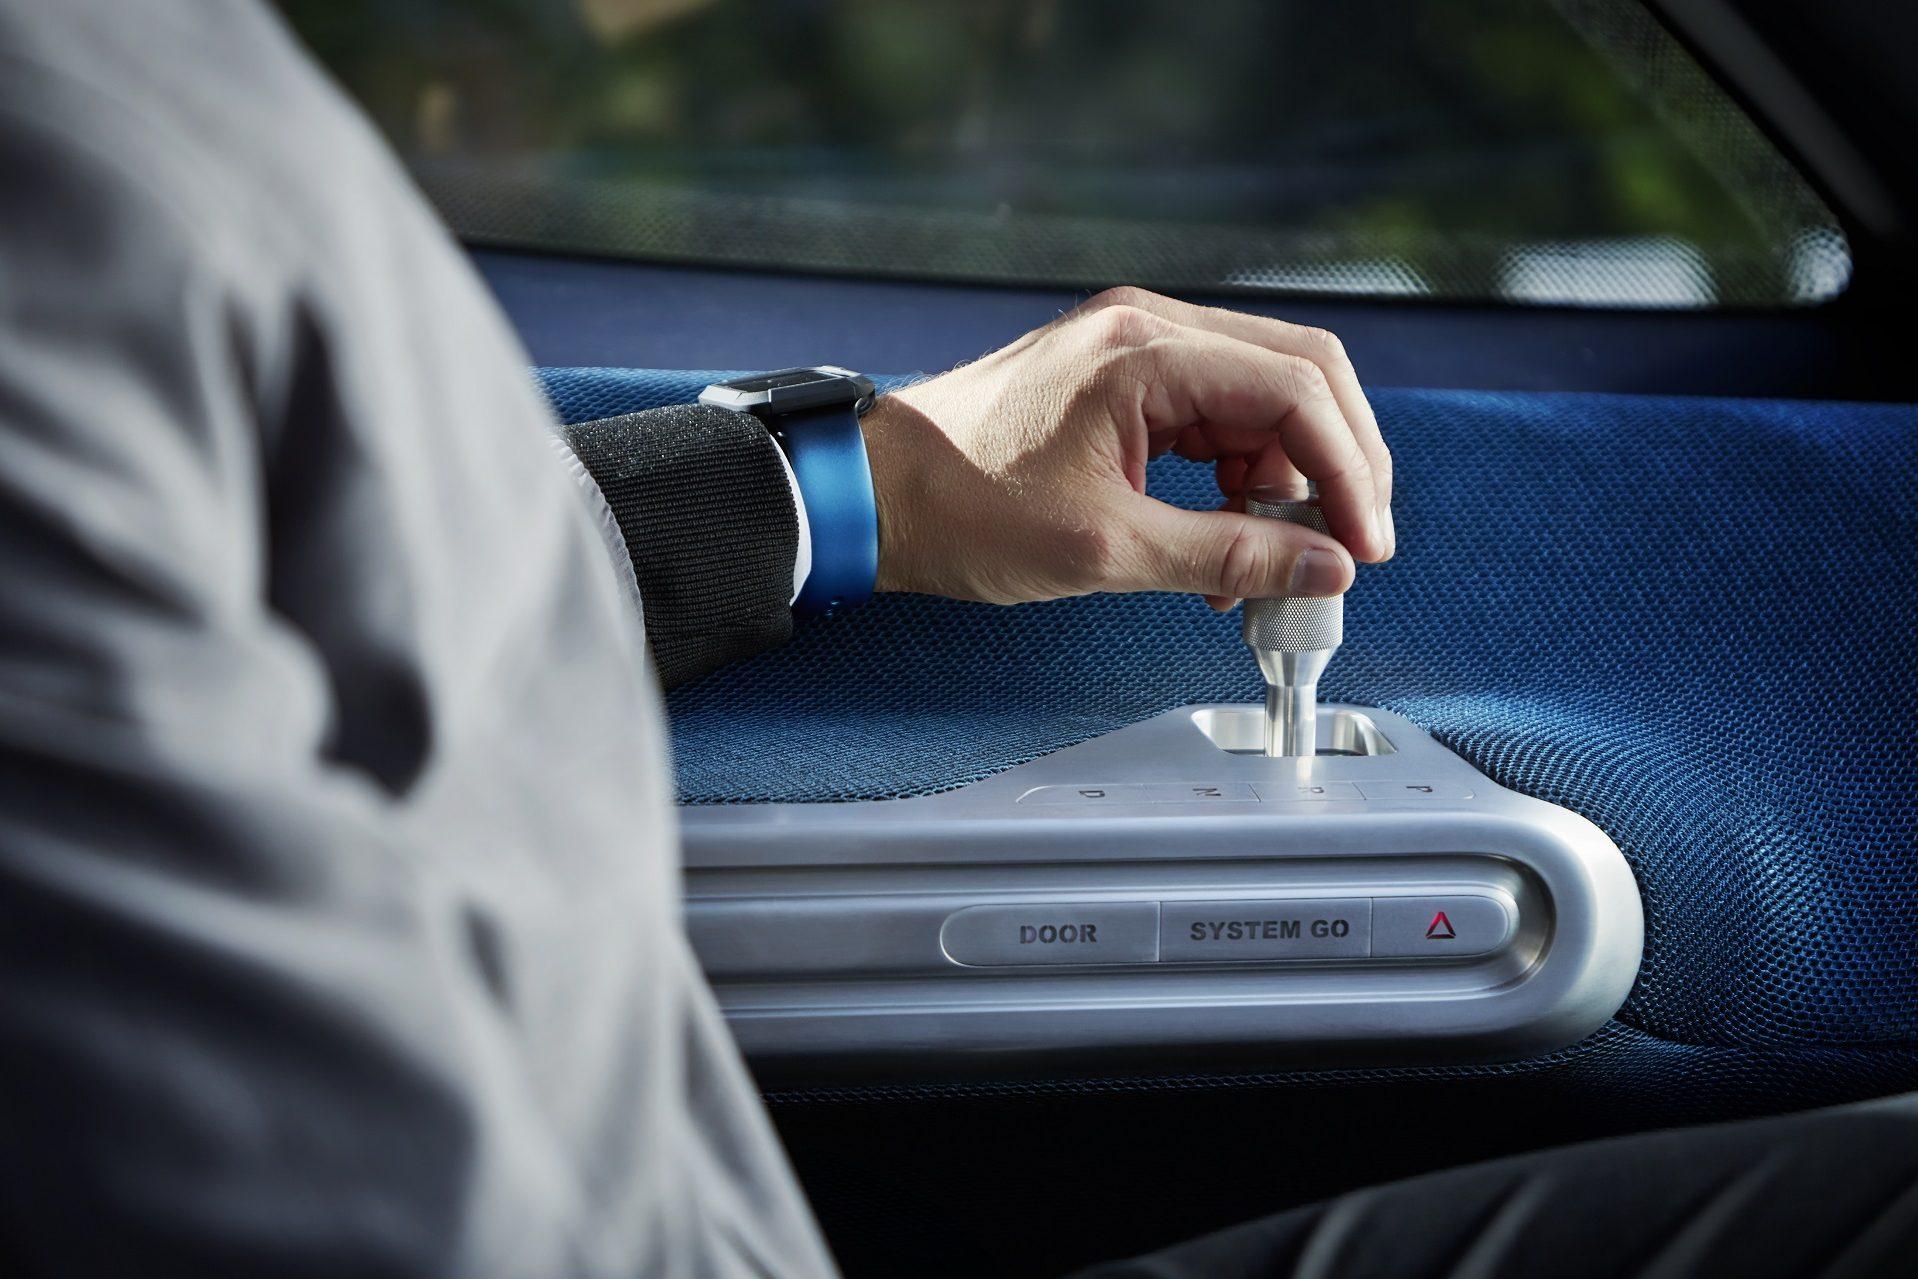 Mercedes-Benz Vision Van – Interior, Joystick Control